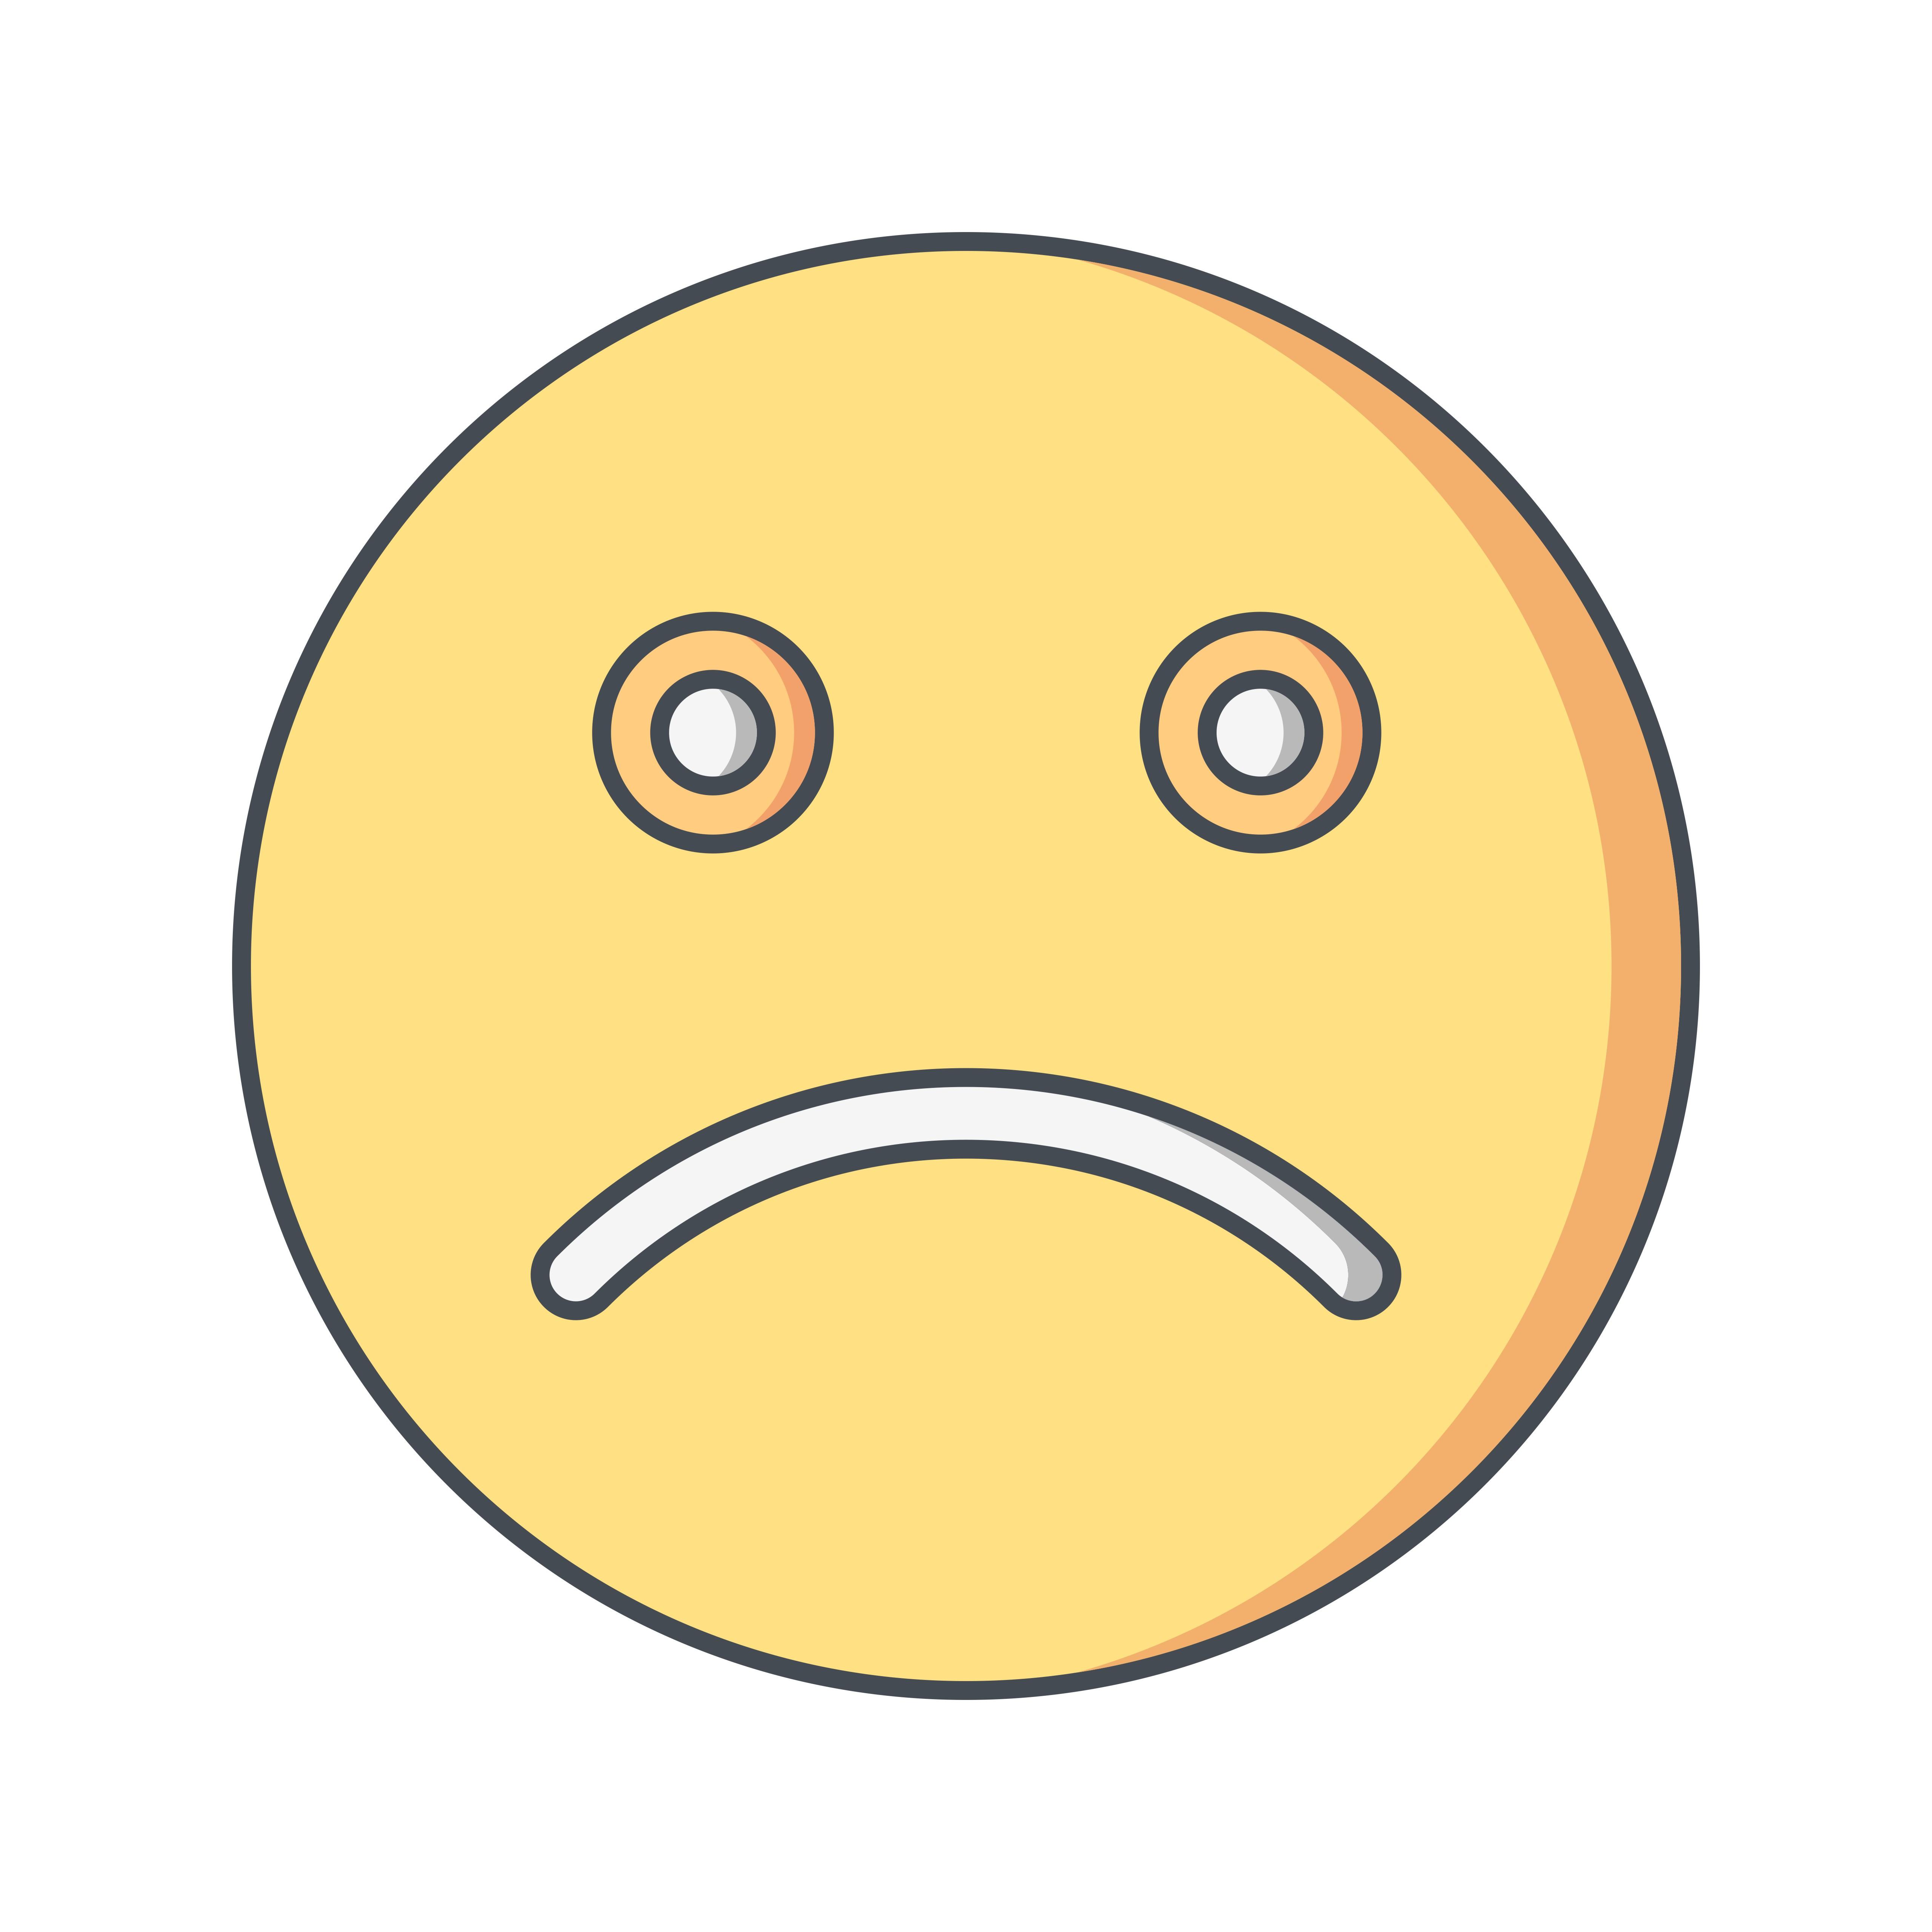 Sad Emoticon Vector Icon - Download Free Vectors, Clipart ...